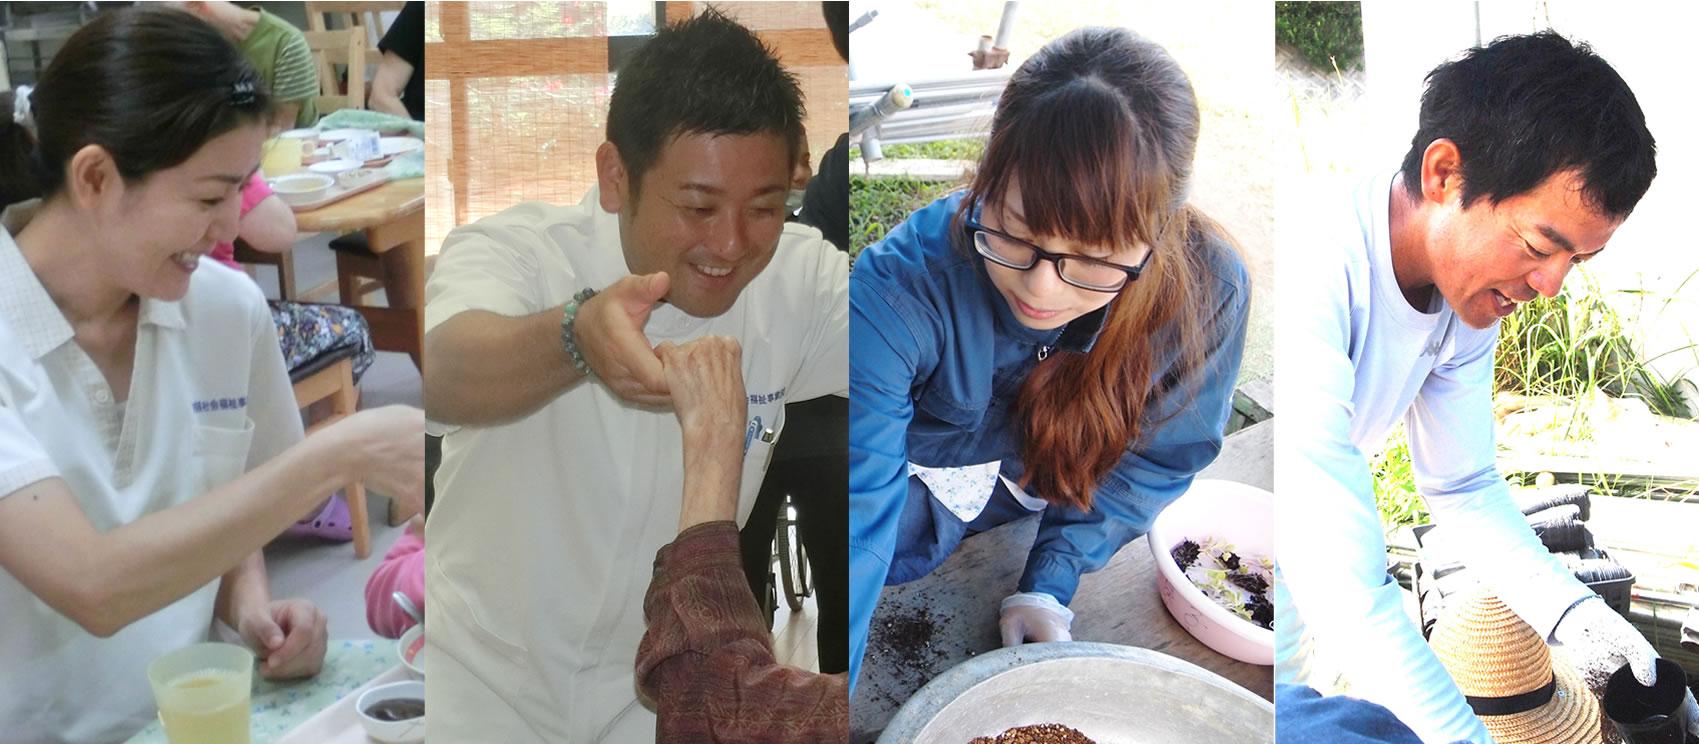 職員募集 | 沖縄県社会福祉事業団